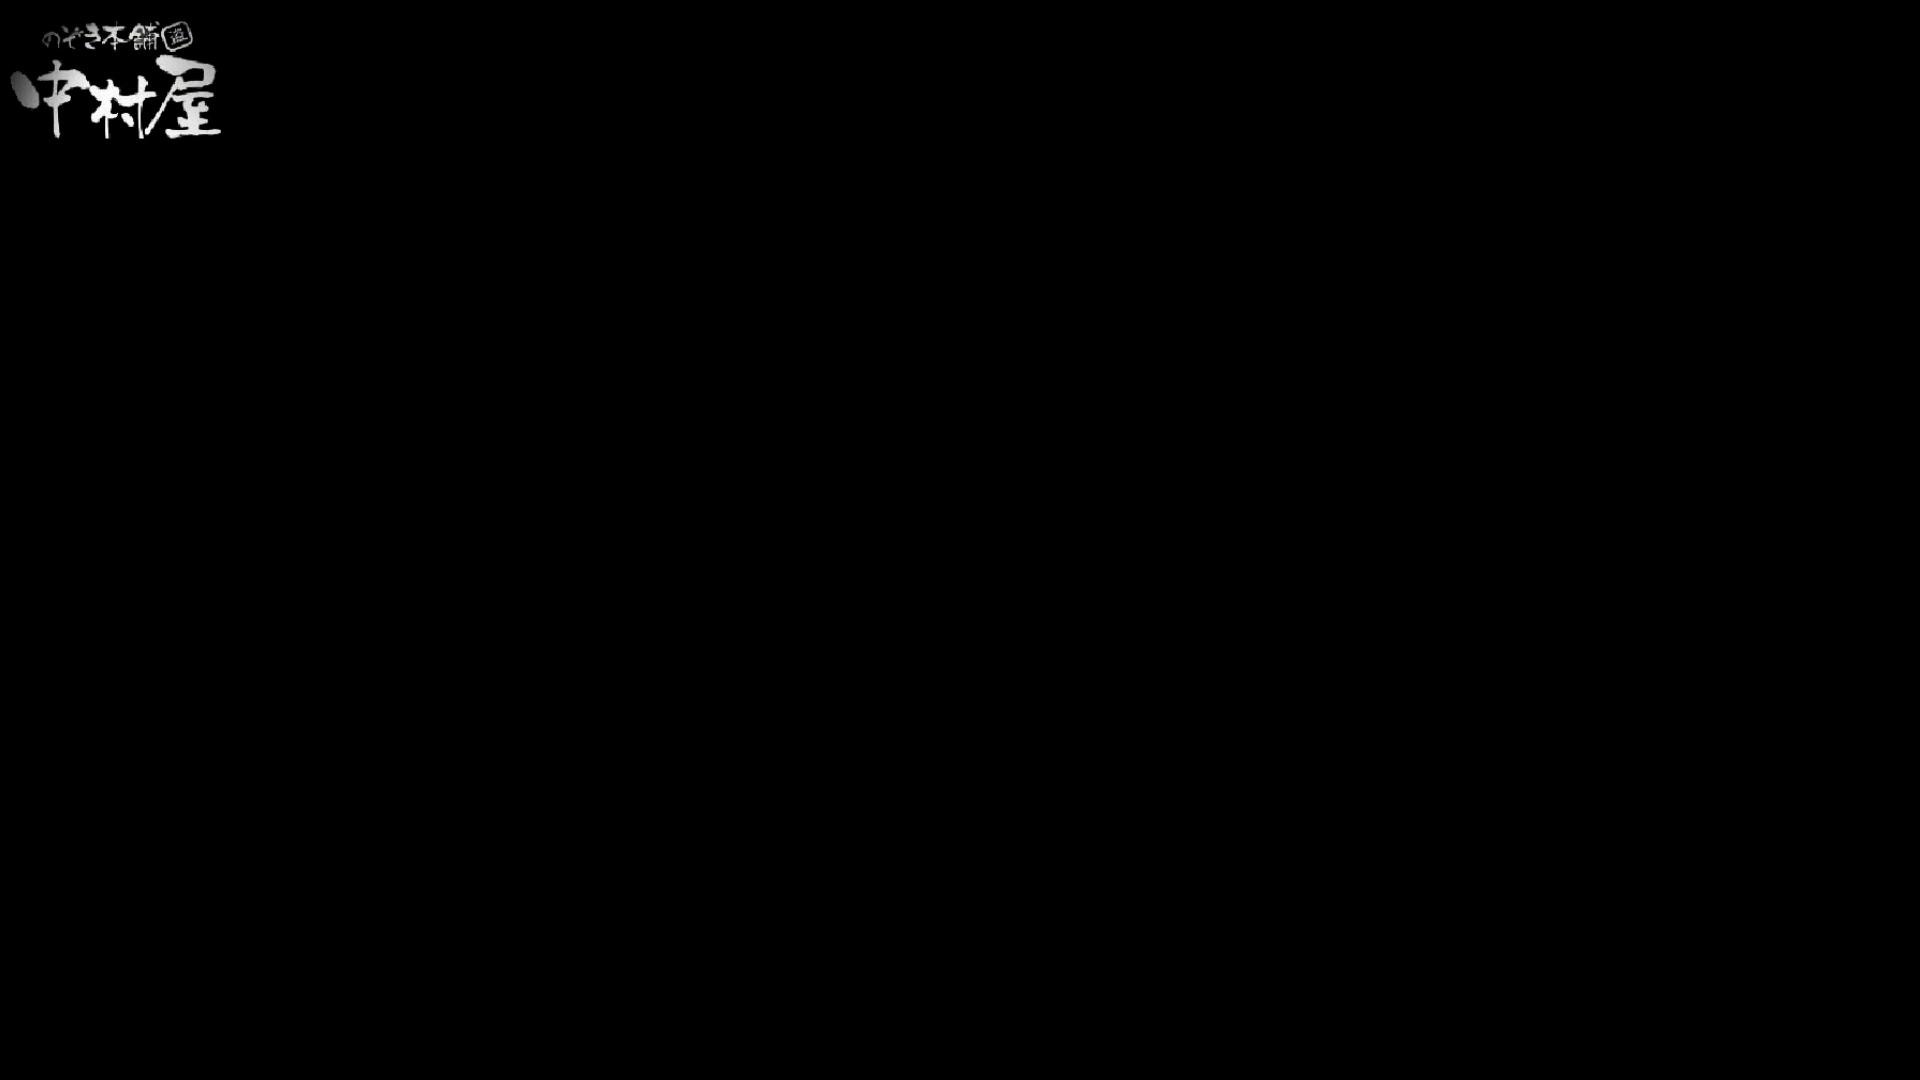 雅さんが厳選新年特別コンテンツ!激走!東京マラソン選手専用女子トイレvol.9 お尻特集  10枚 10